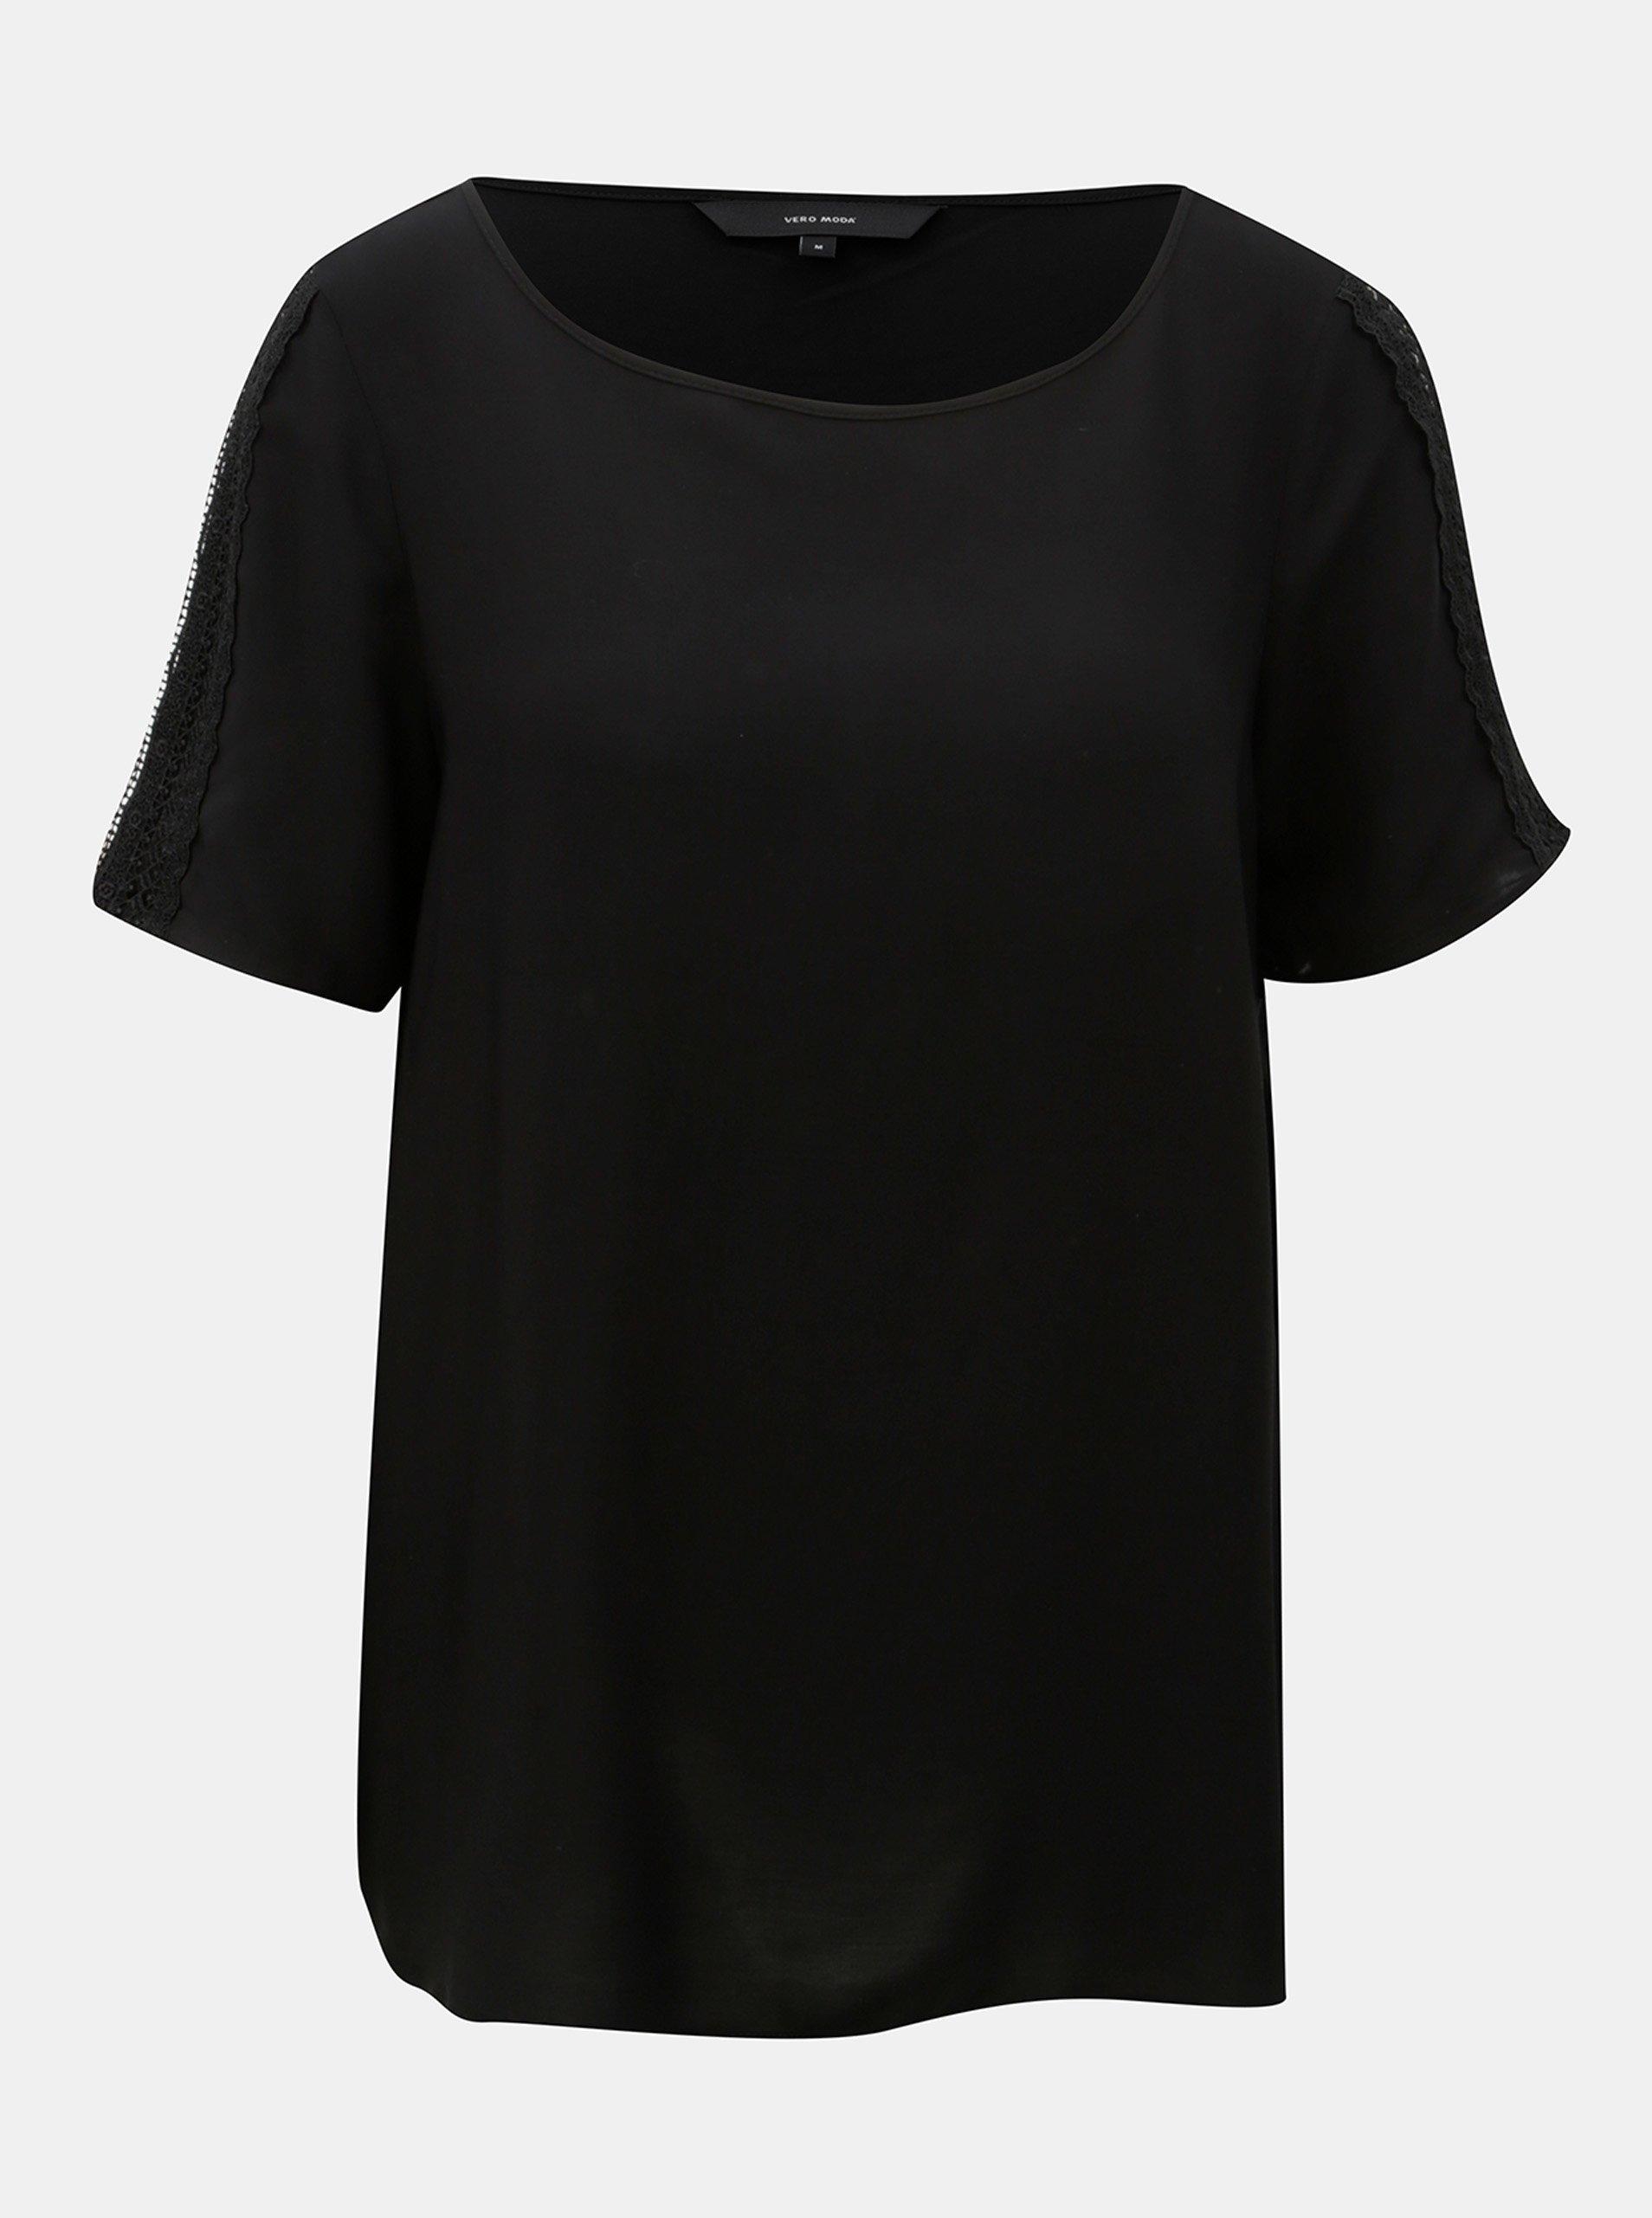 Černý top s krajkovými detaily VERO MODA Lacey